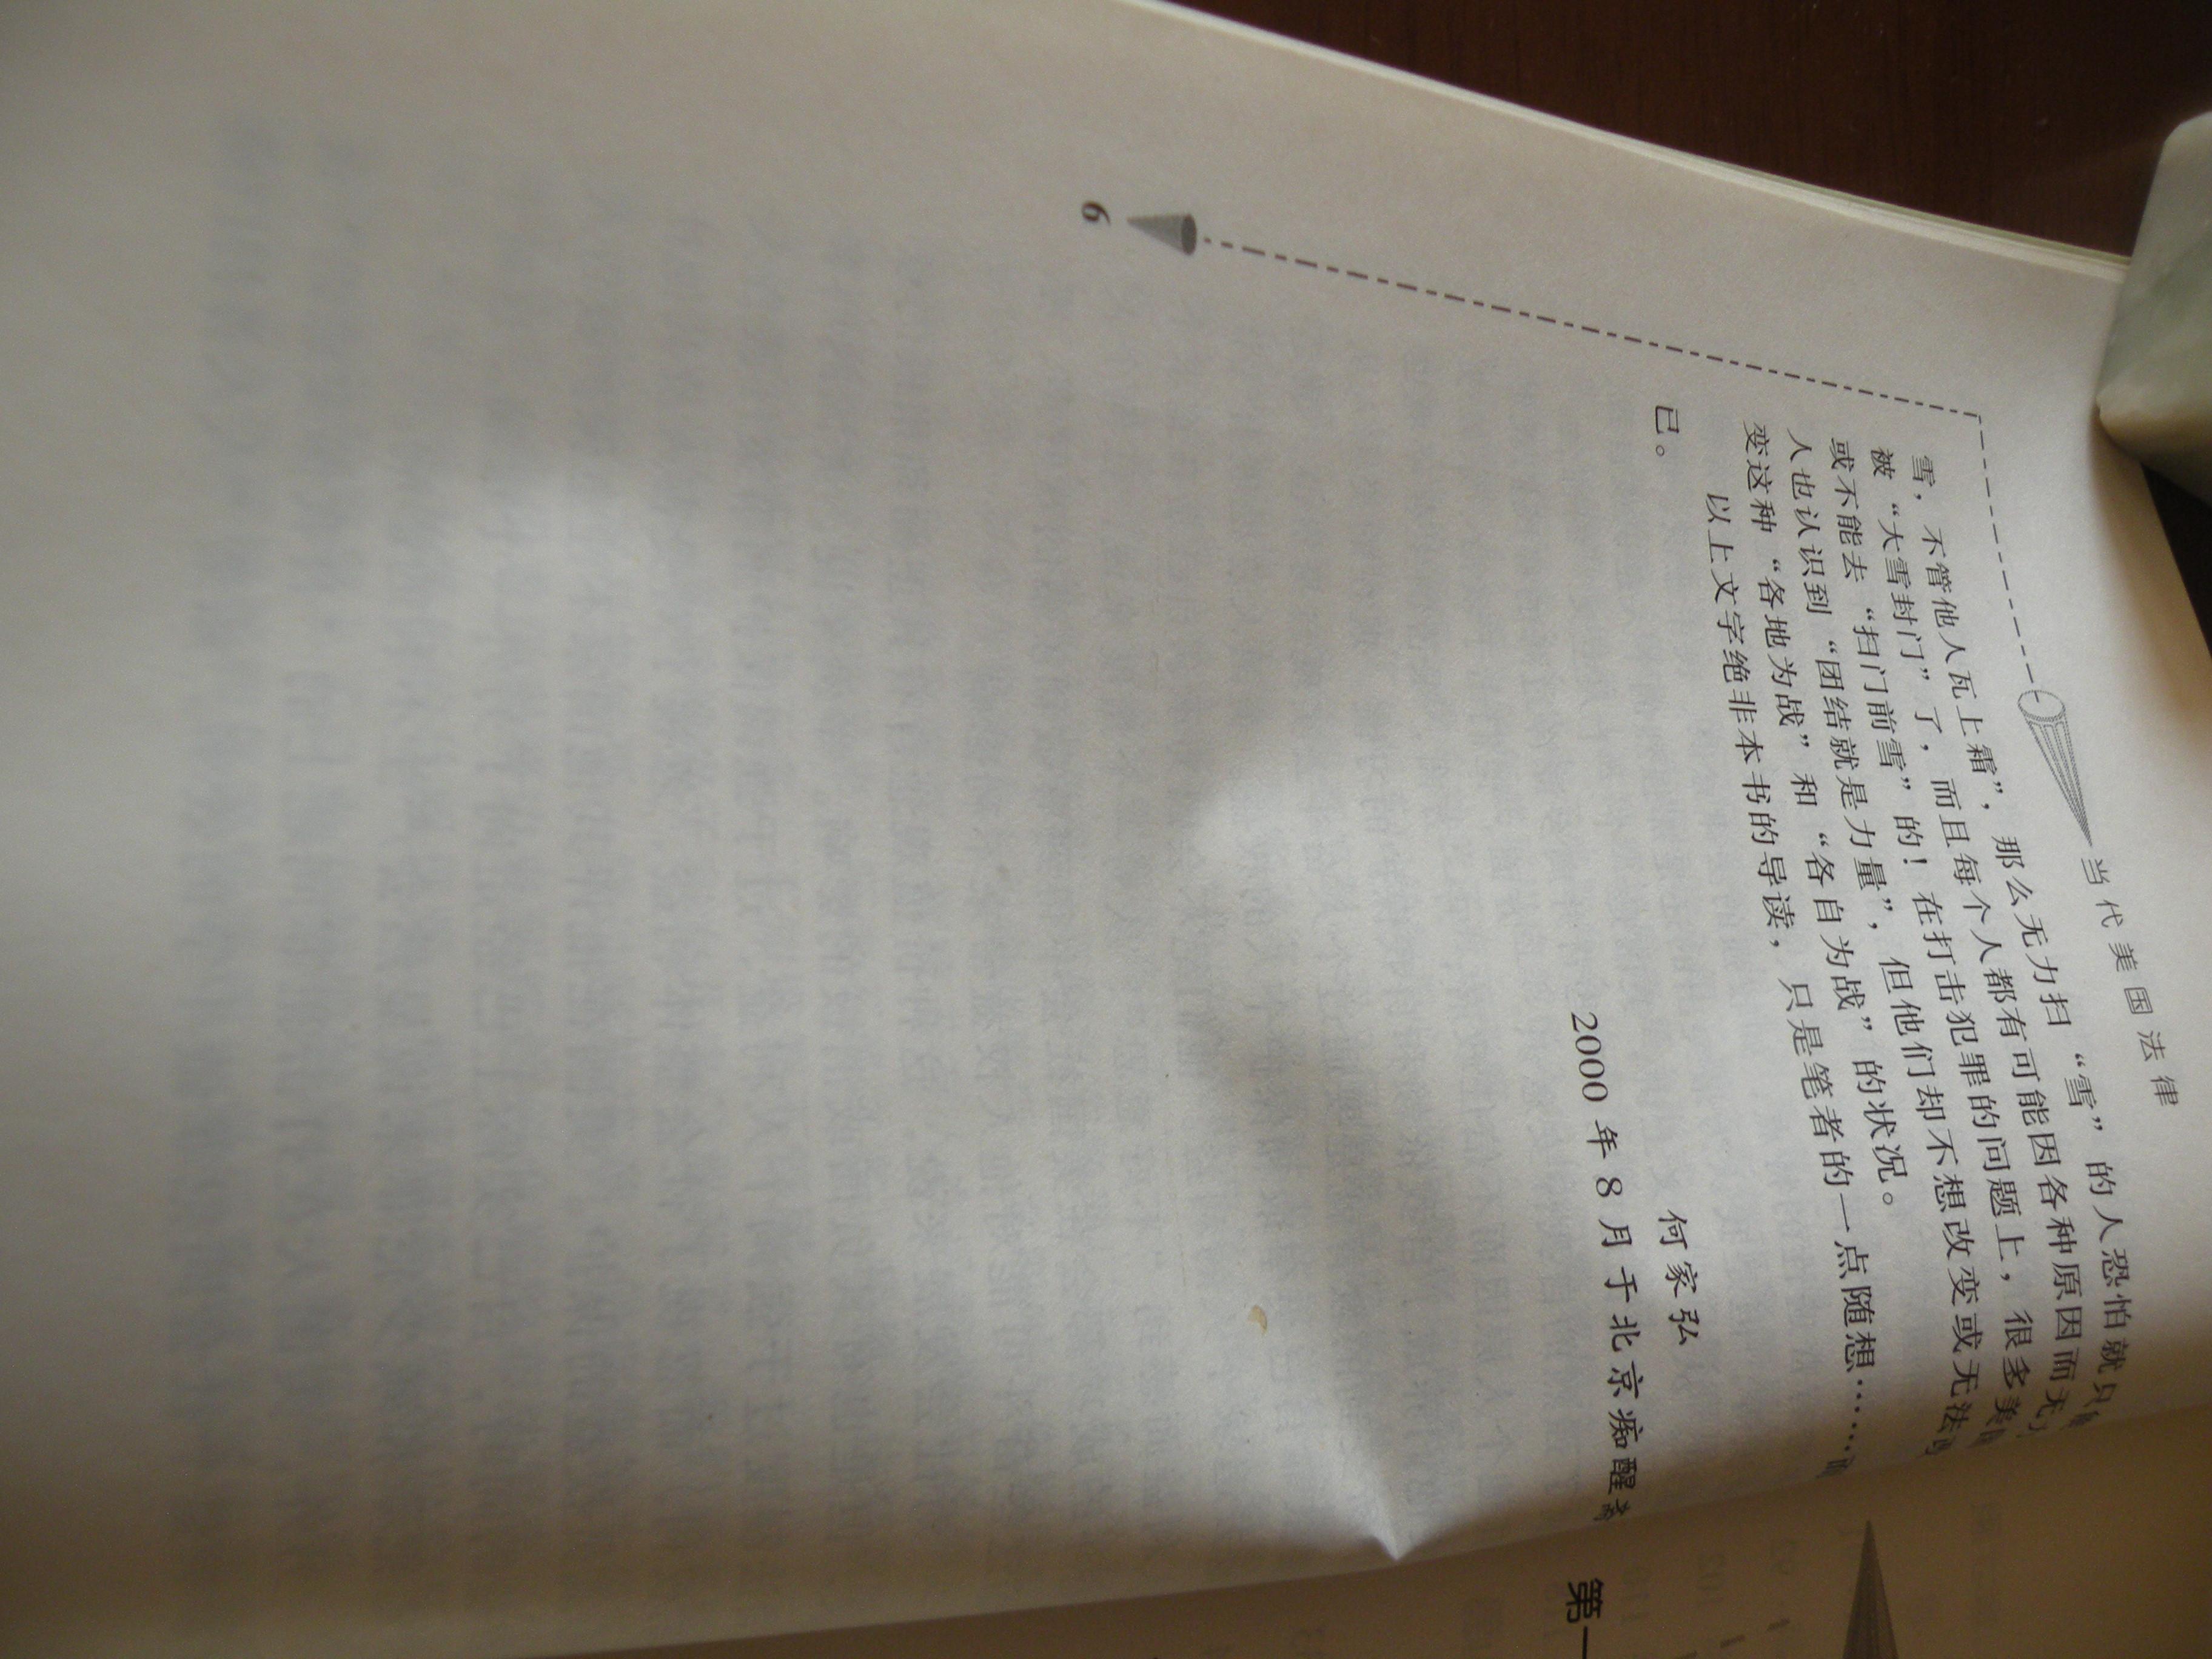 DSCN8374.JPG